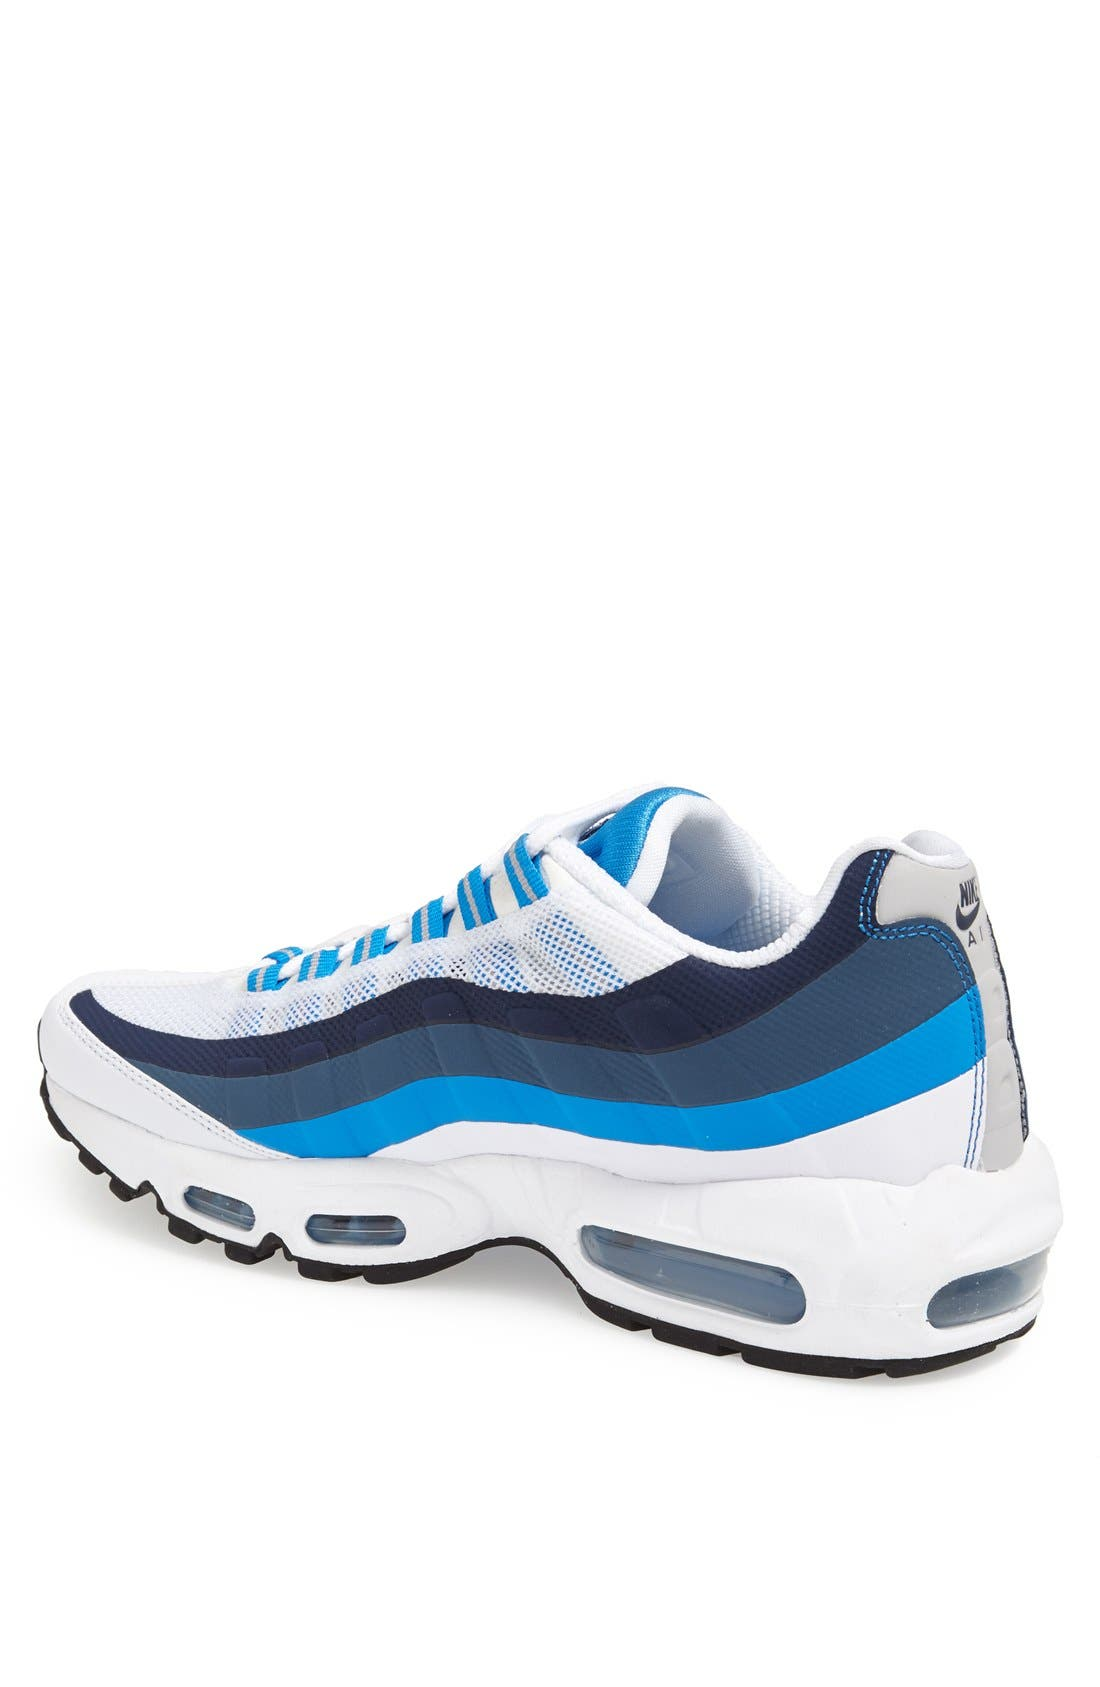 Alternate Image 2  - Nike 'Air Max 95 No Sew' Sneaker (Men)